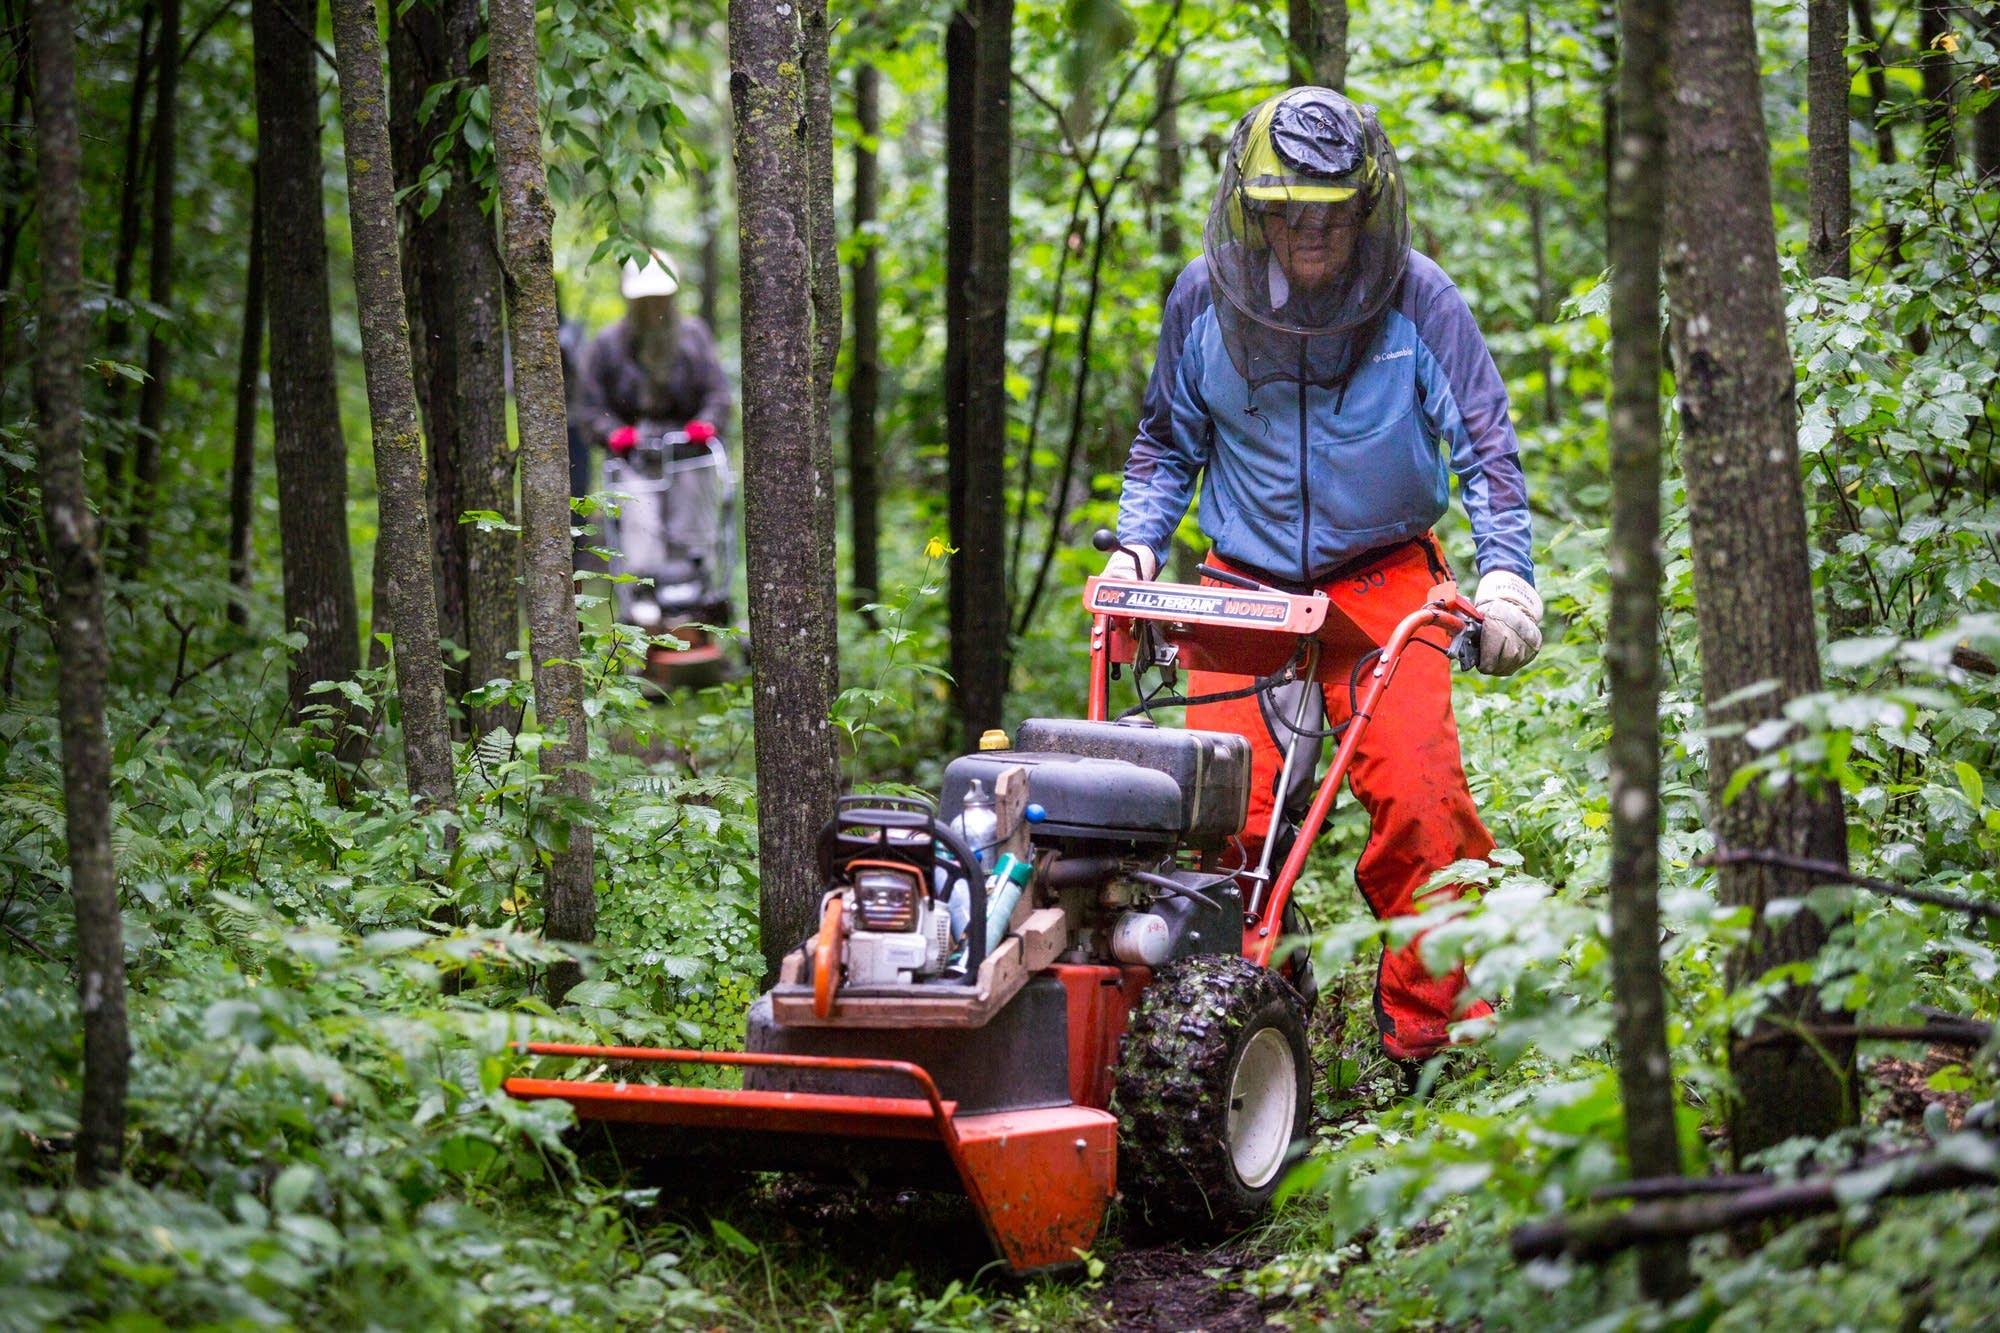 Volunteers push mowers down the trail